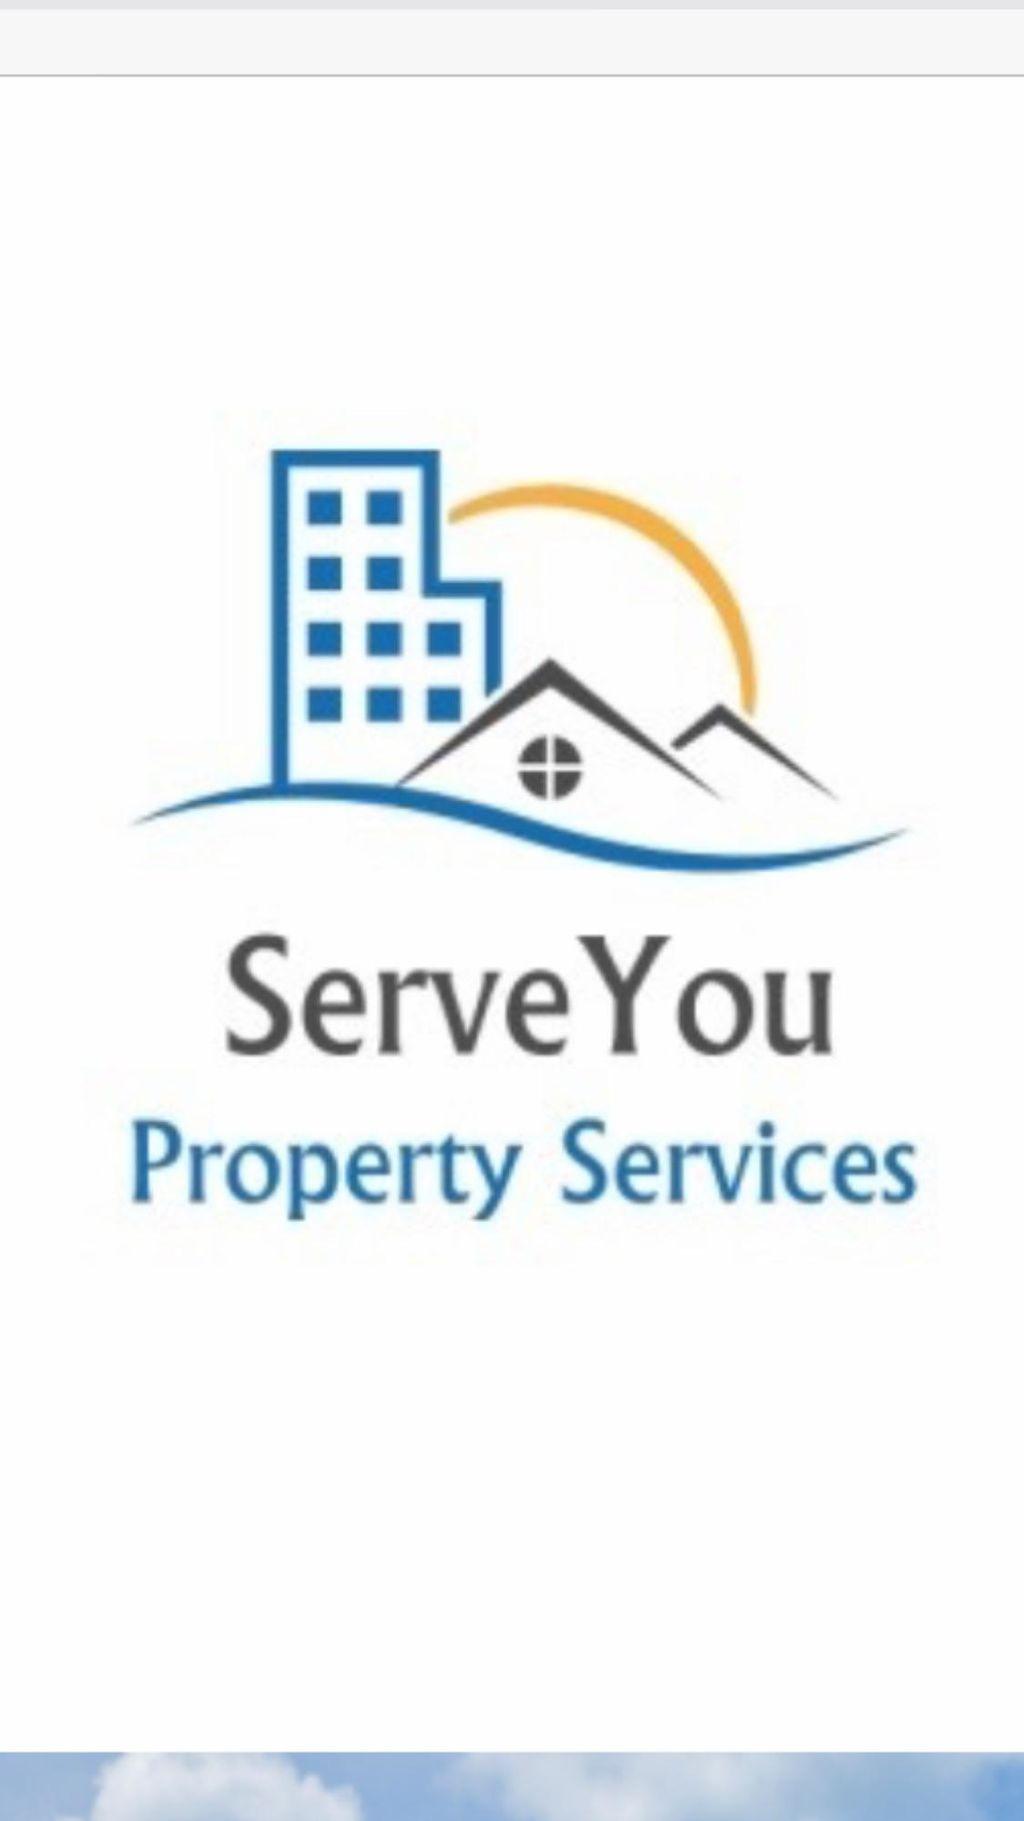 ServeYou Property Services